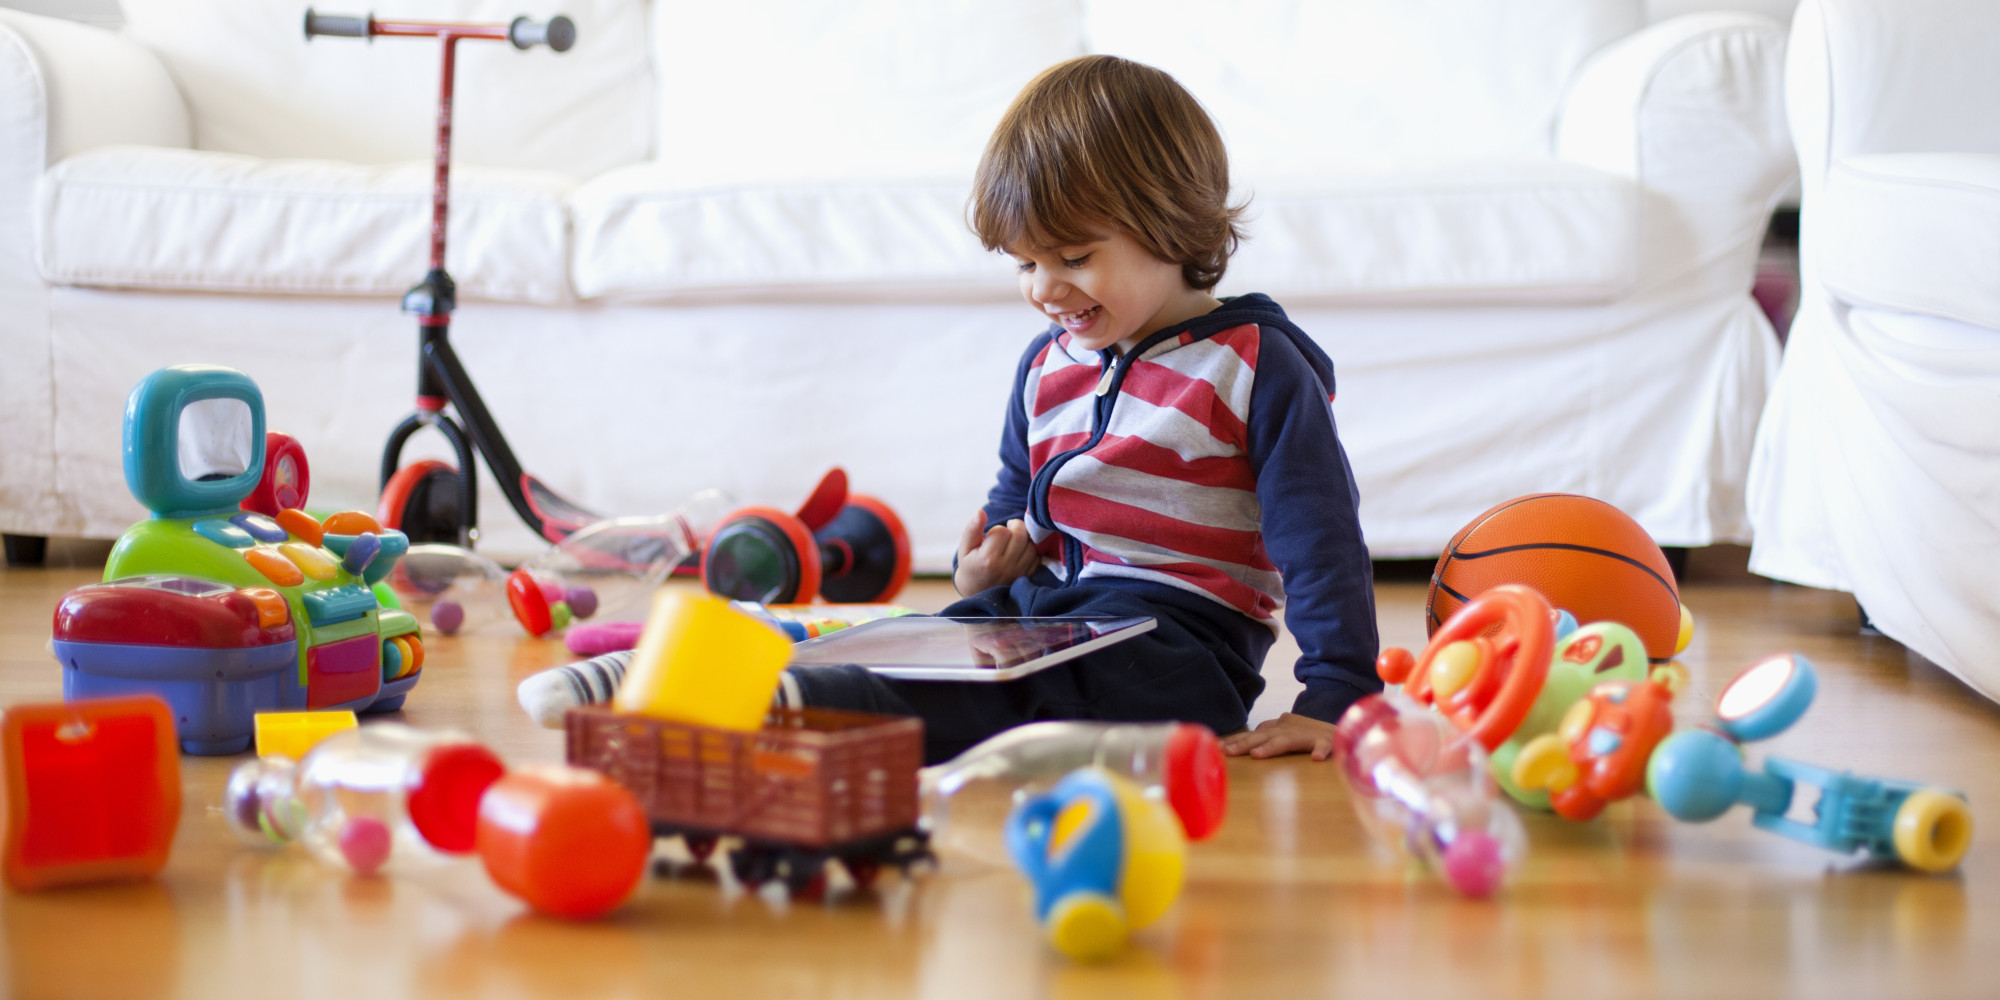 kids playing toys